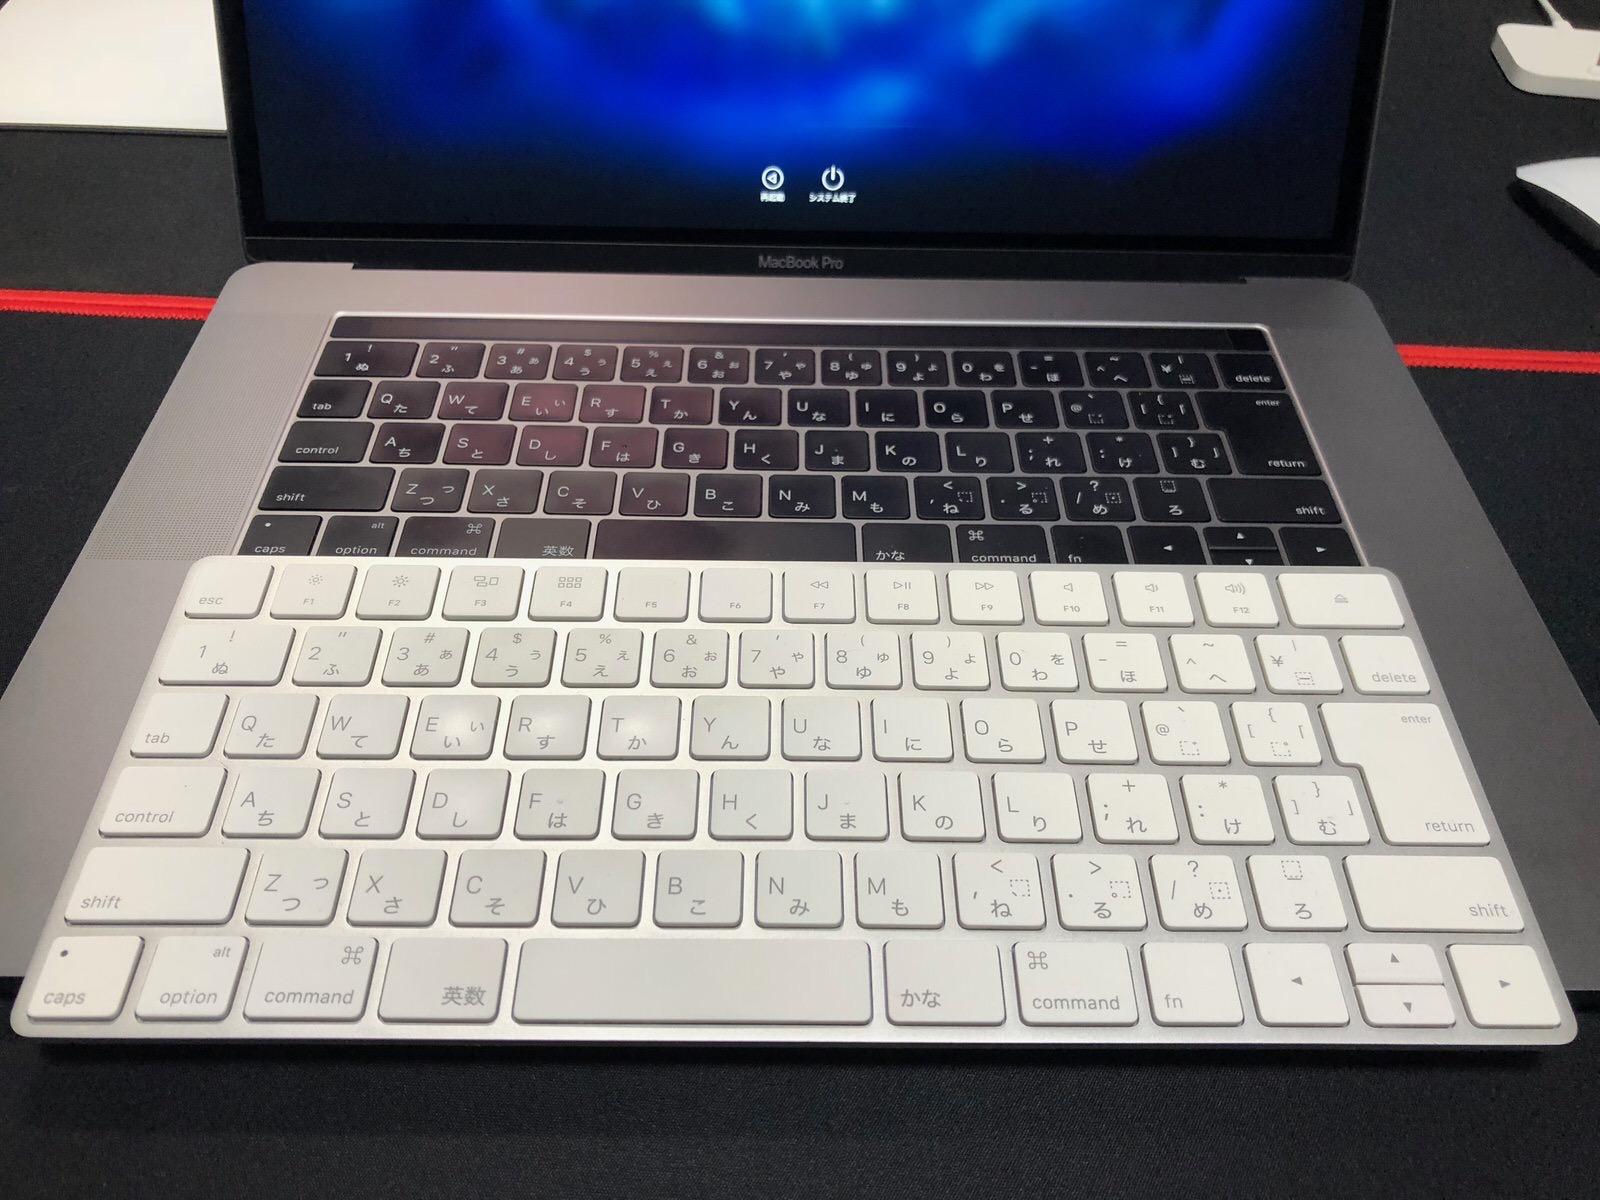 Magic Keyboard(テンキー付き)- 日本語(JIS) - シルバー4